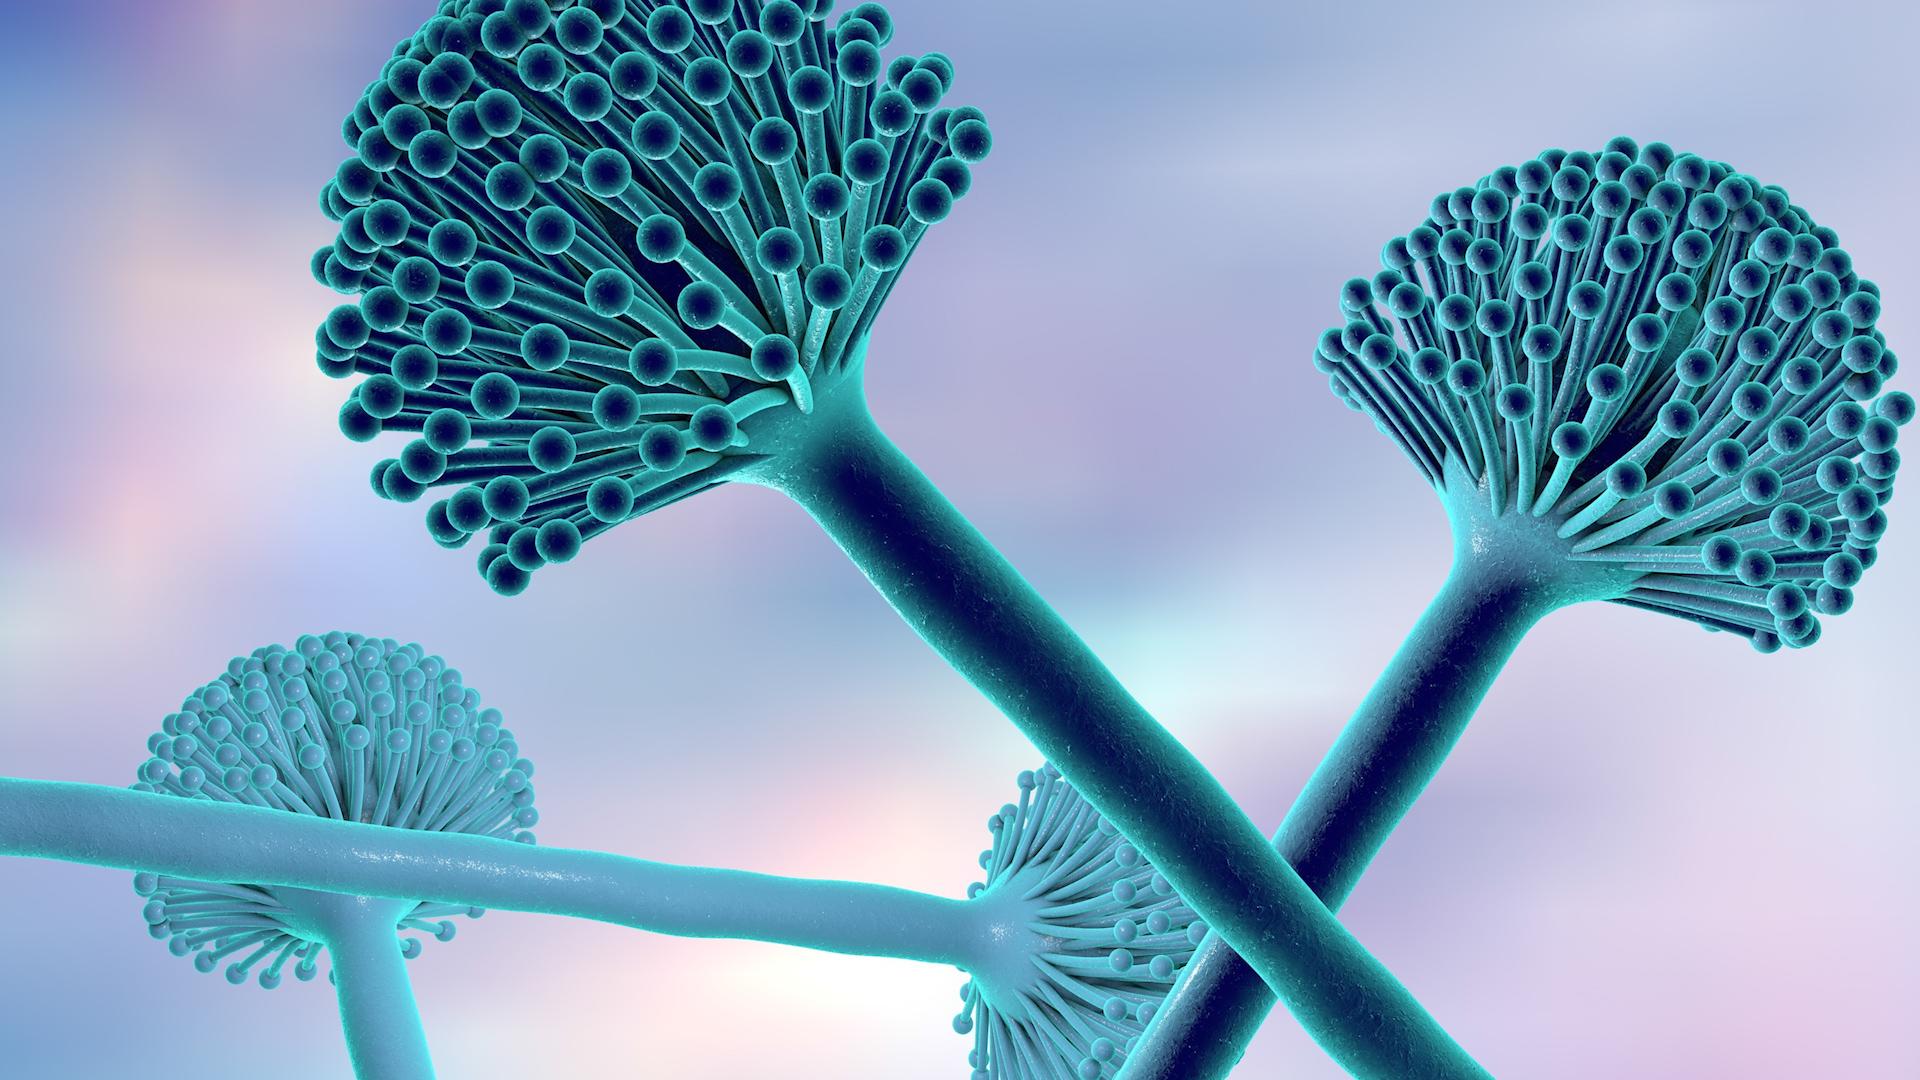 Ziarna zbóż, suszone owoce i orzechy mogą powodować raka wątroby